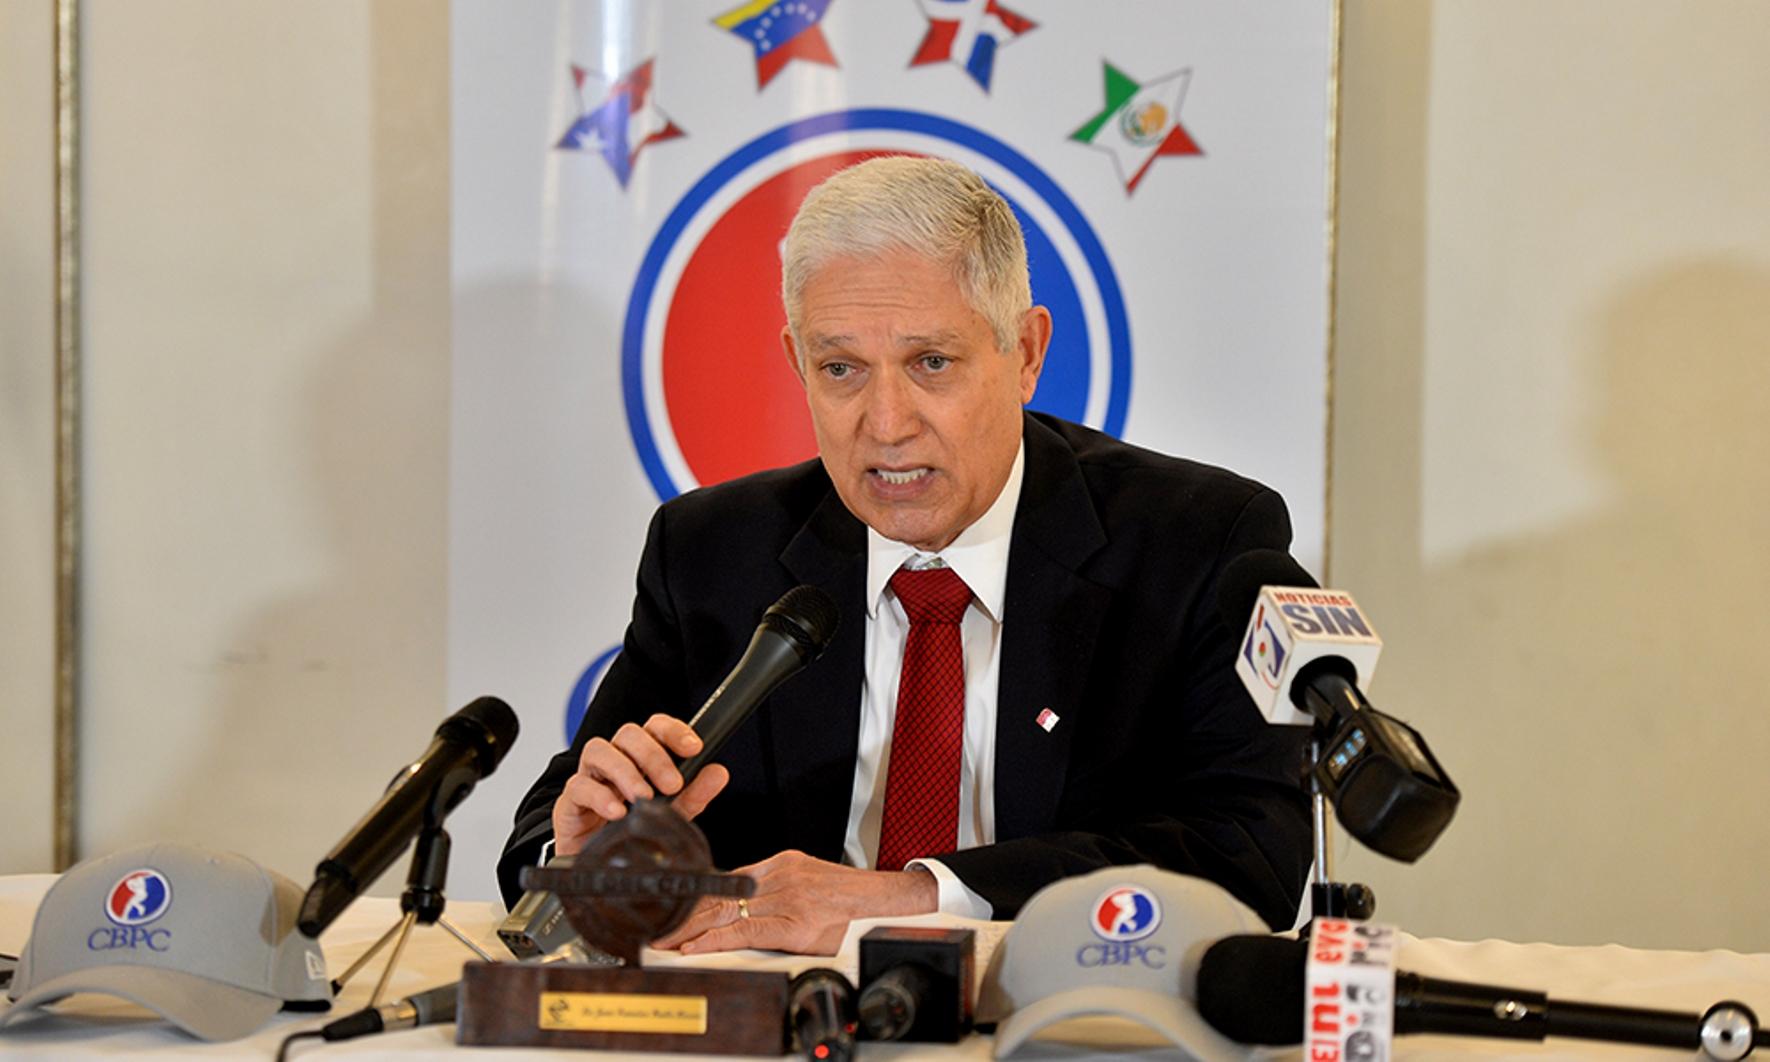 CBPC y Ligas Invernales firman nuevo contrato con la MLB